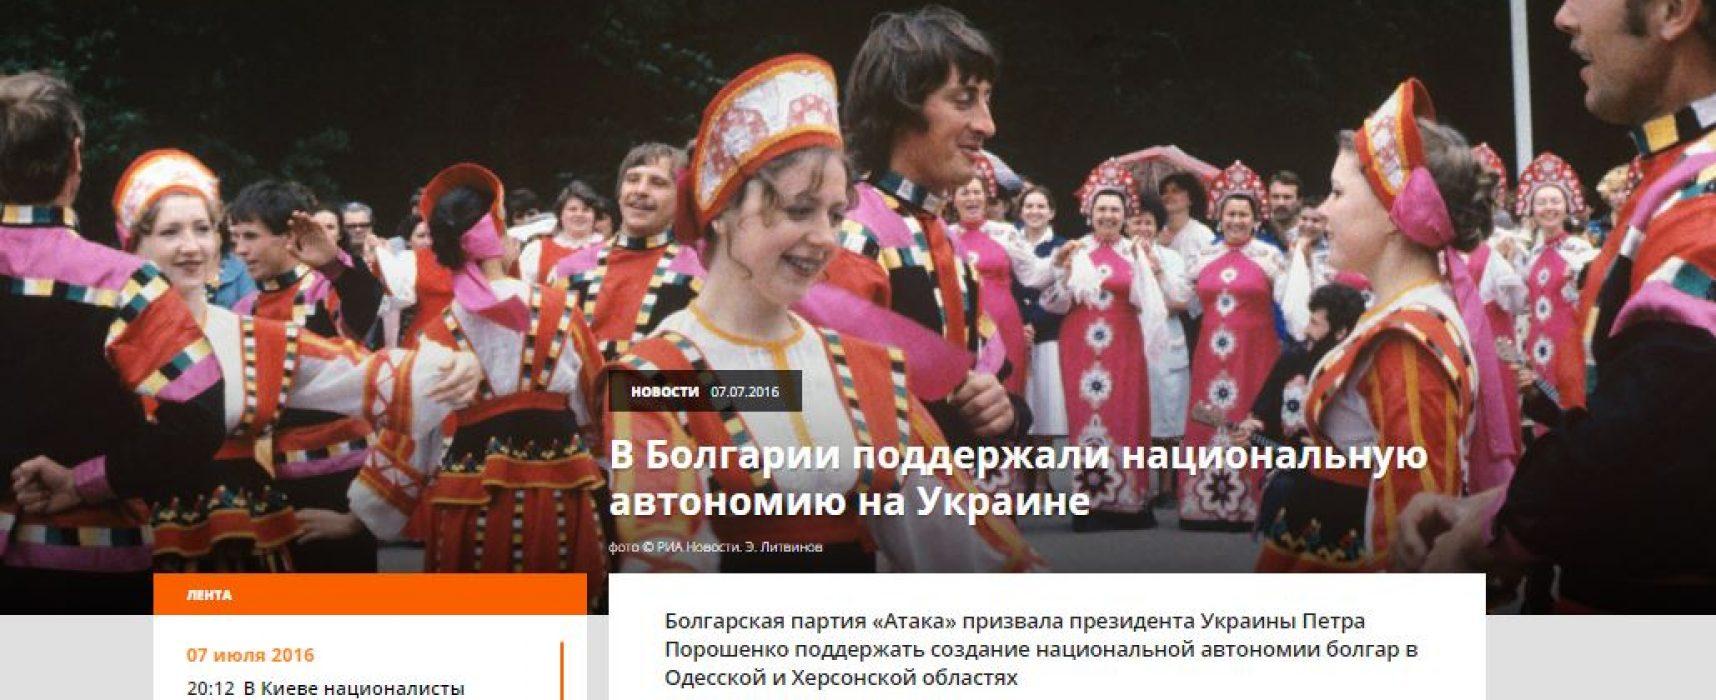 Фейк: В Болгарии поддержали национальную автономию в Украине